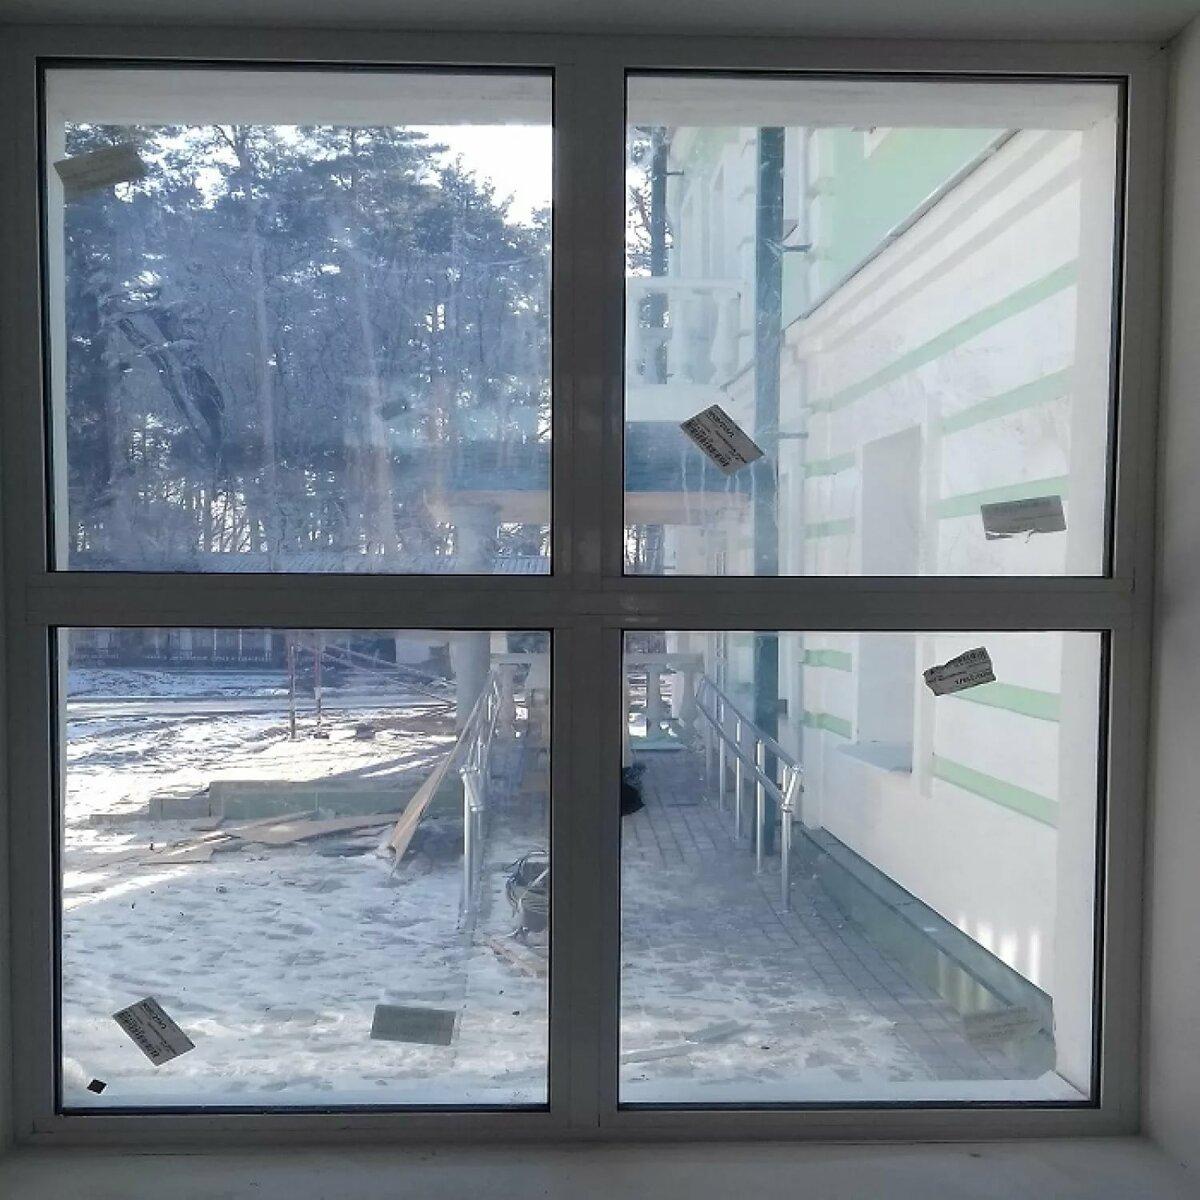 противопожарные окна картинки рпк осуществляет продажу